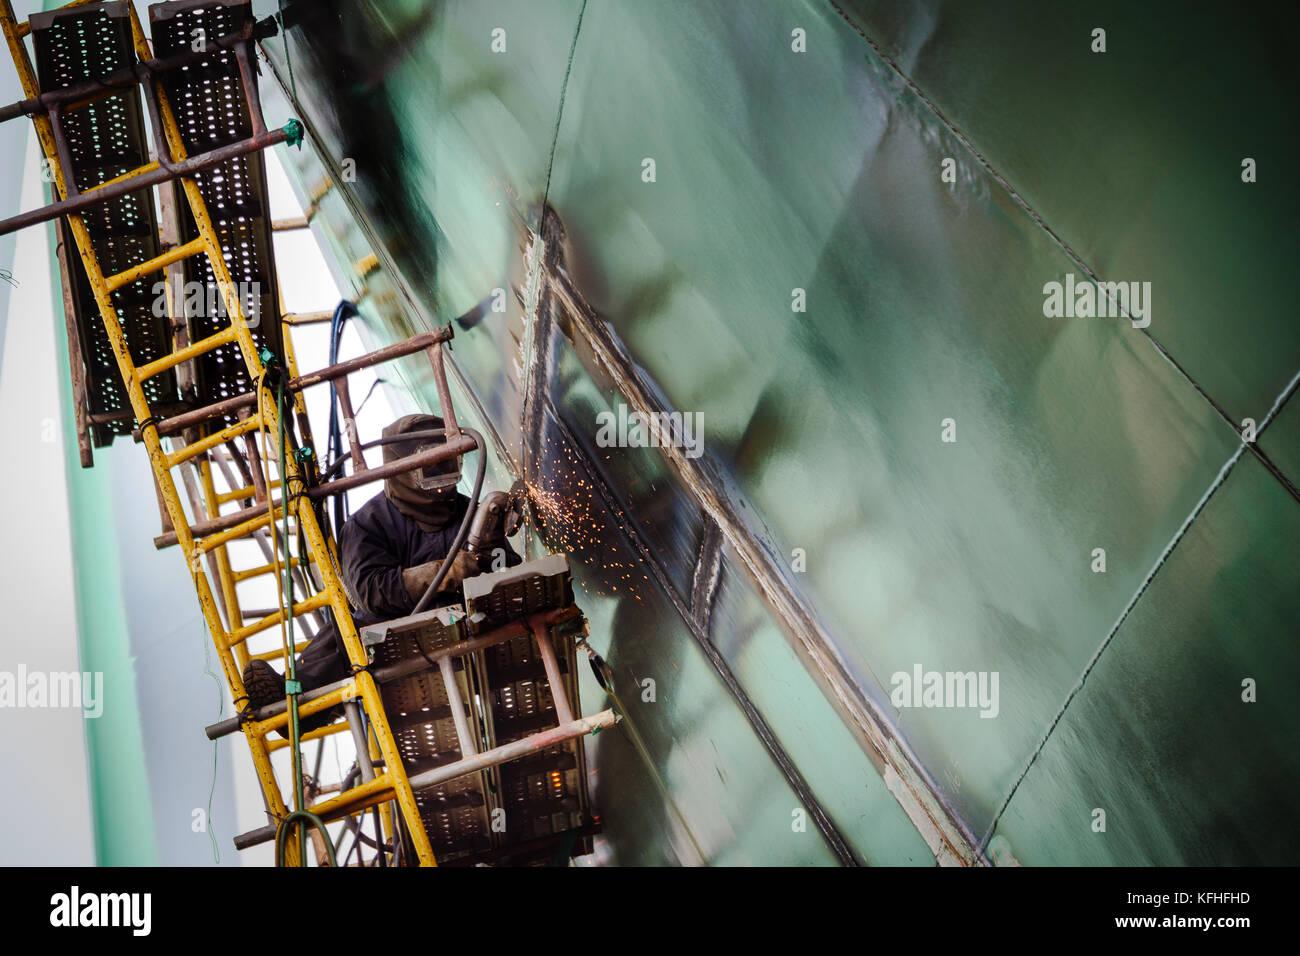 Schiff im Bau. Schweißarbeiten. CAM Rahn Werft, Vietnam. Stockfoto